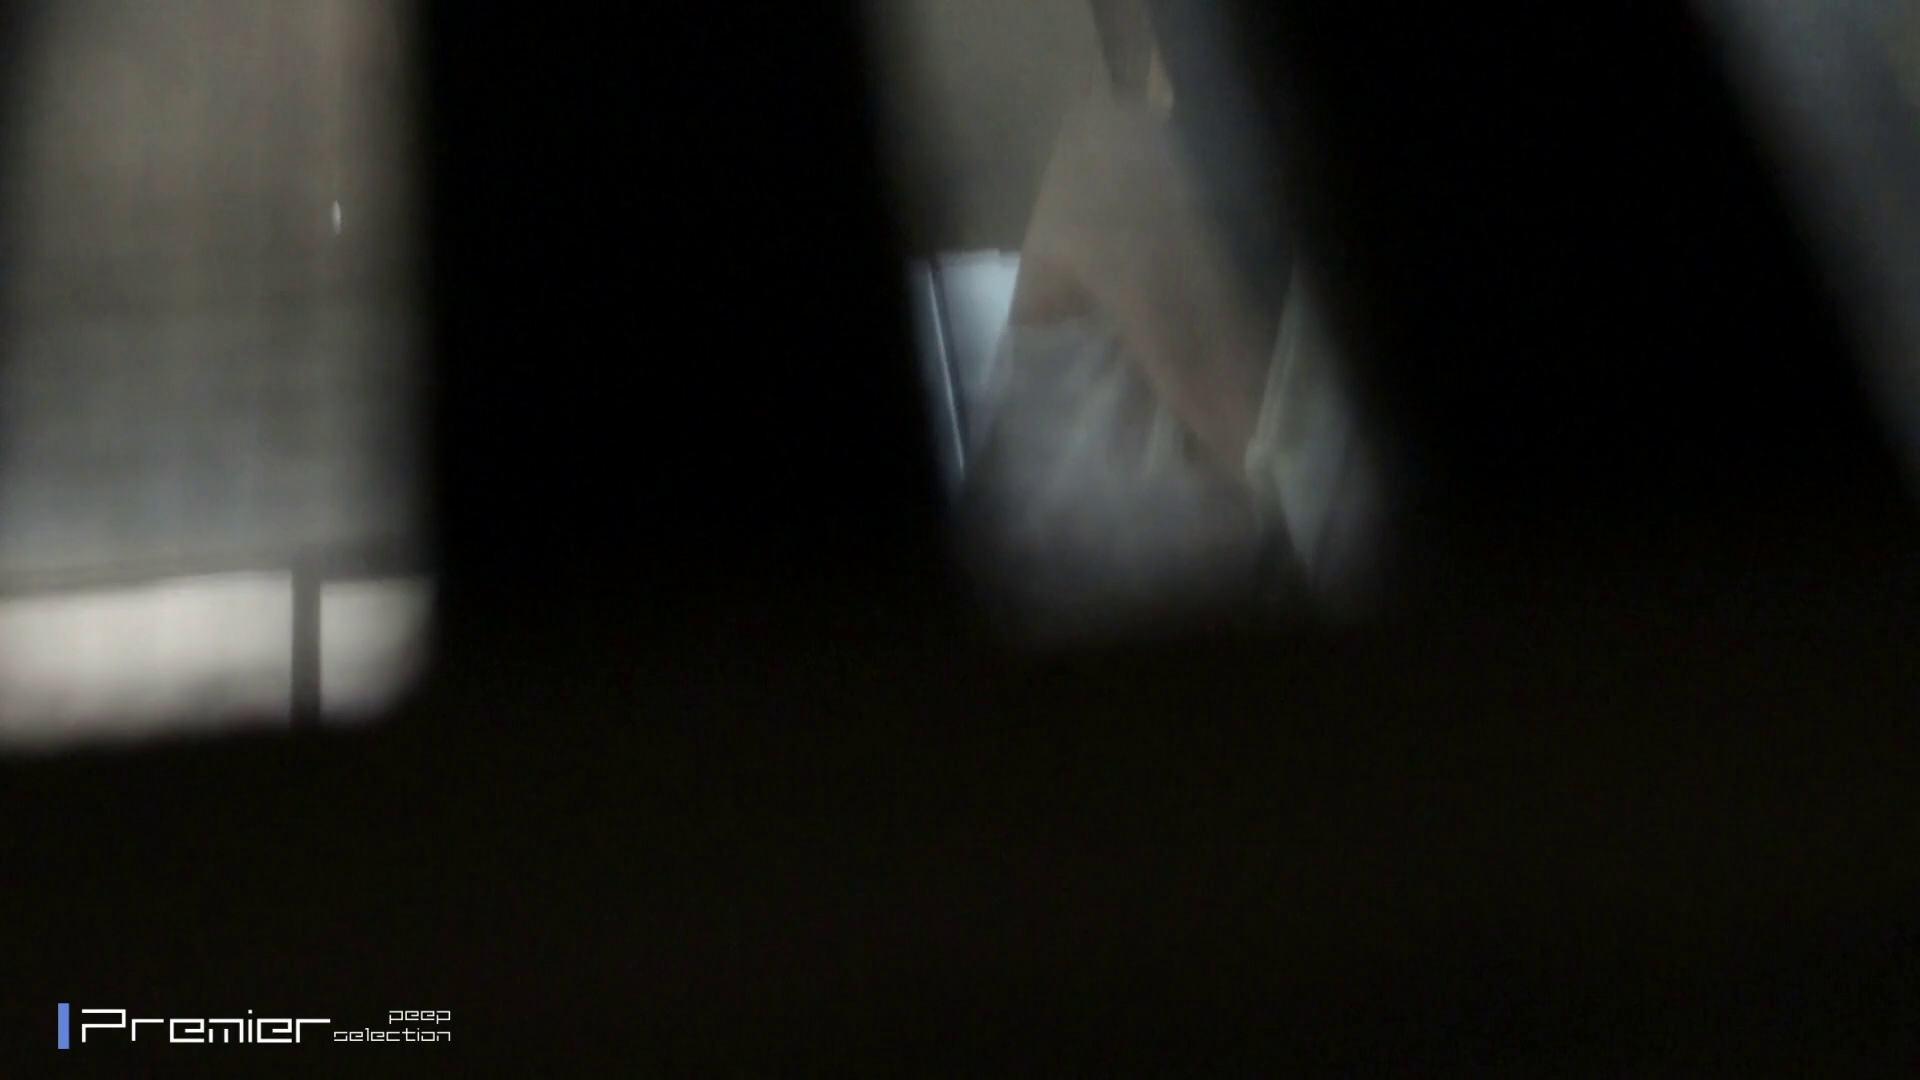 美人限定★女子大生の私生活★詰合せ 美女達の私生活に潜入! 美女  51pic 5